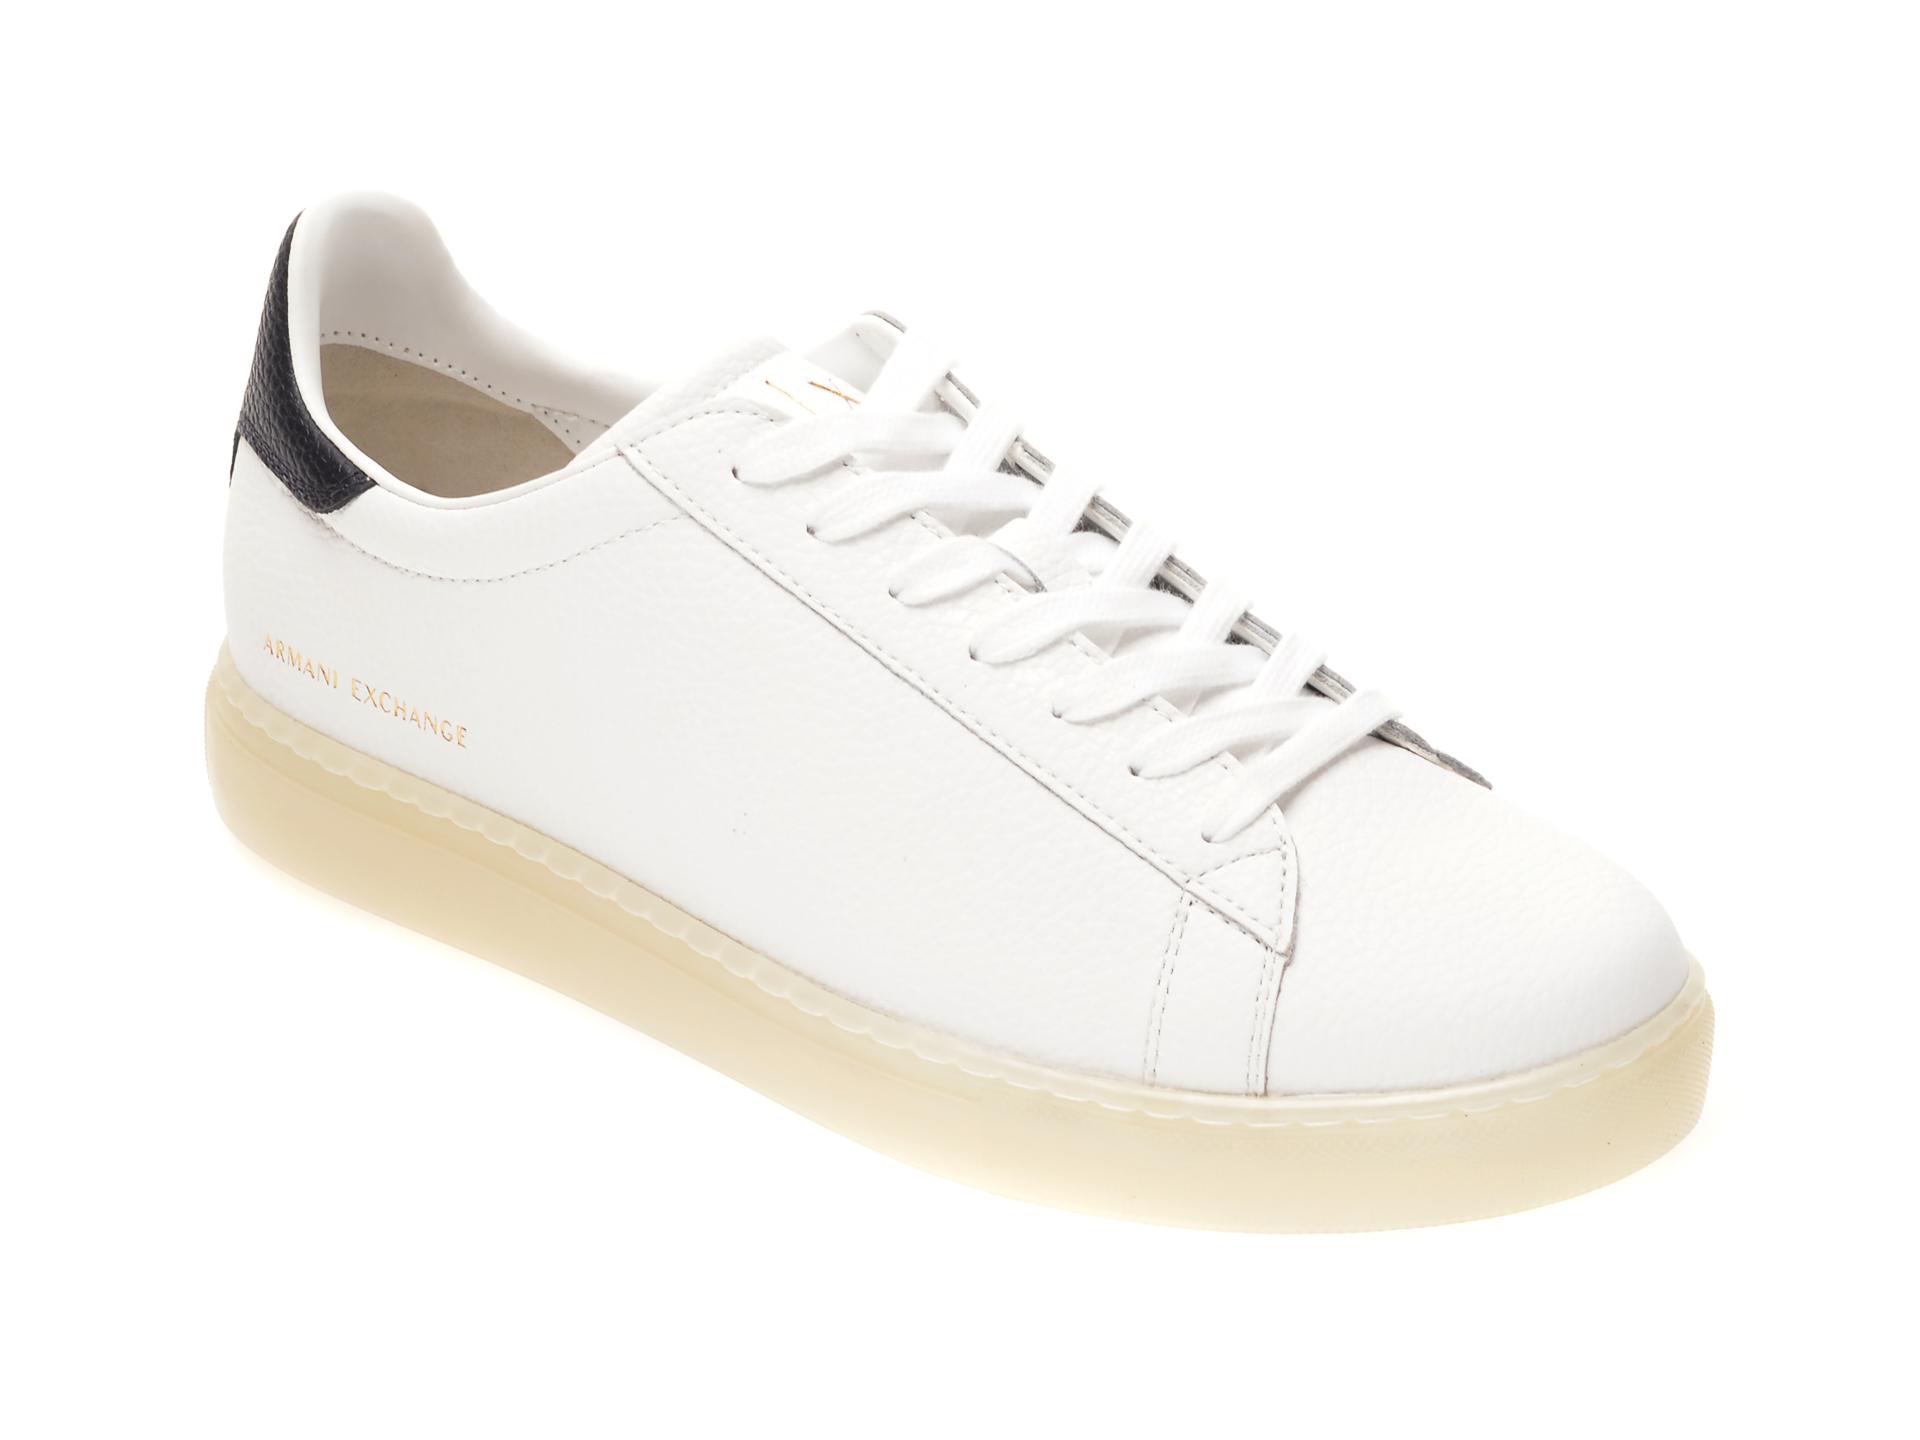 Pantofi sport ARMANI EXCHANGE albi, XUX001, din piele naturala